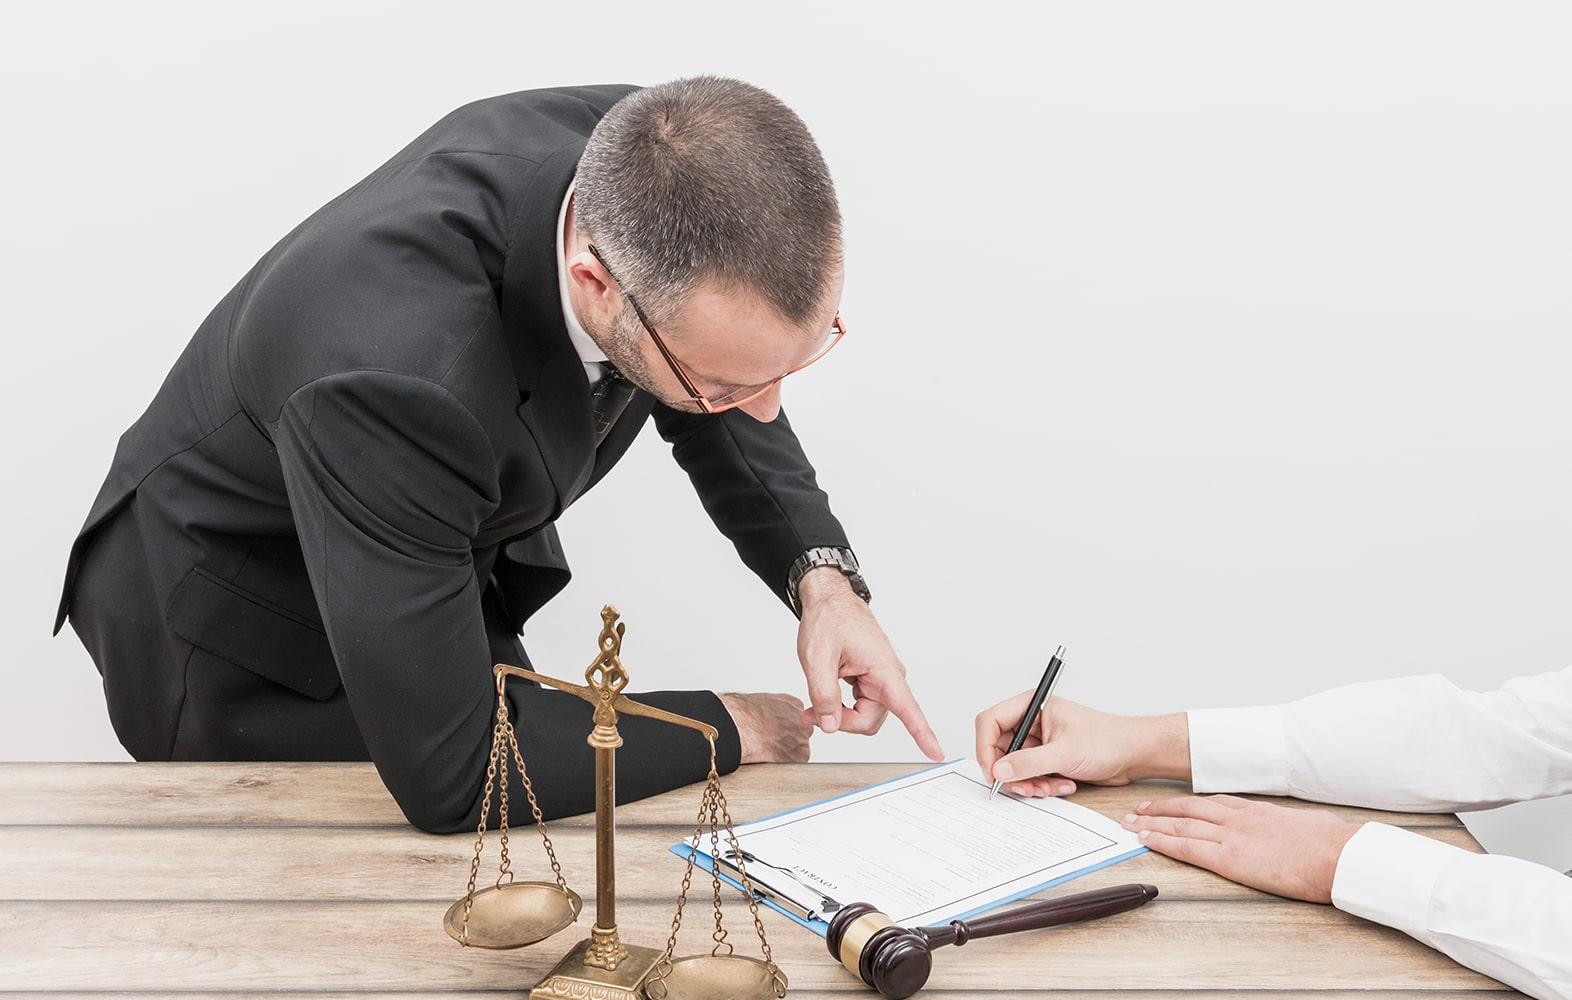 Scheidung Lexikon Wichtige Themen Änderung Eines Urteils